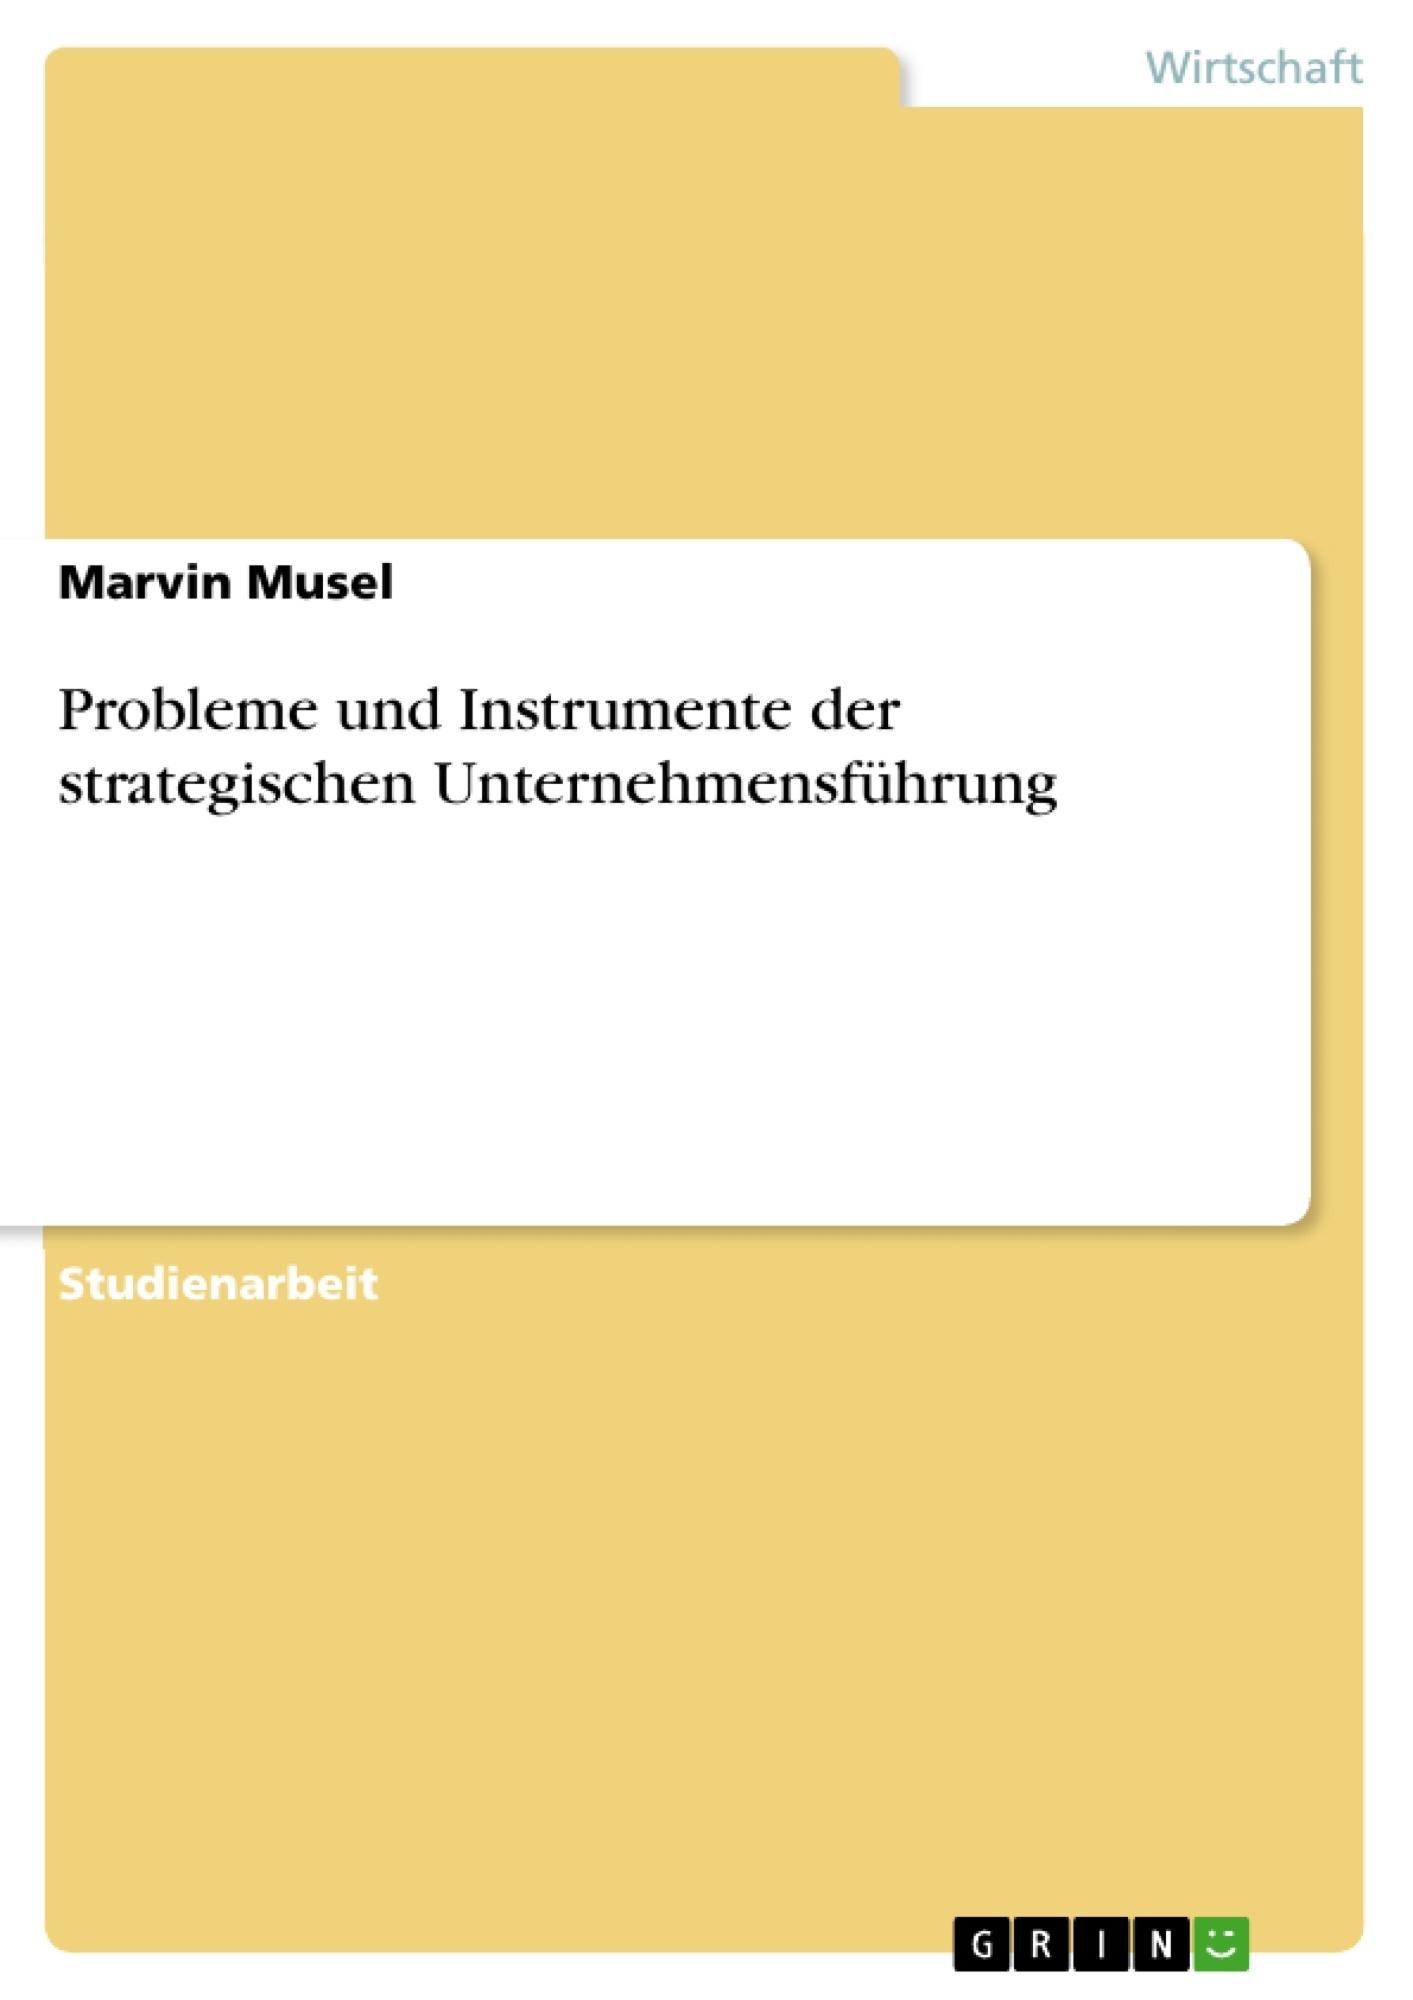 Titel: Probleme und Instrumente der strategischen Unternehmensführung